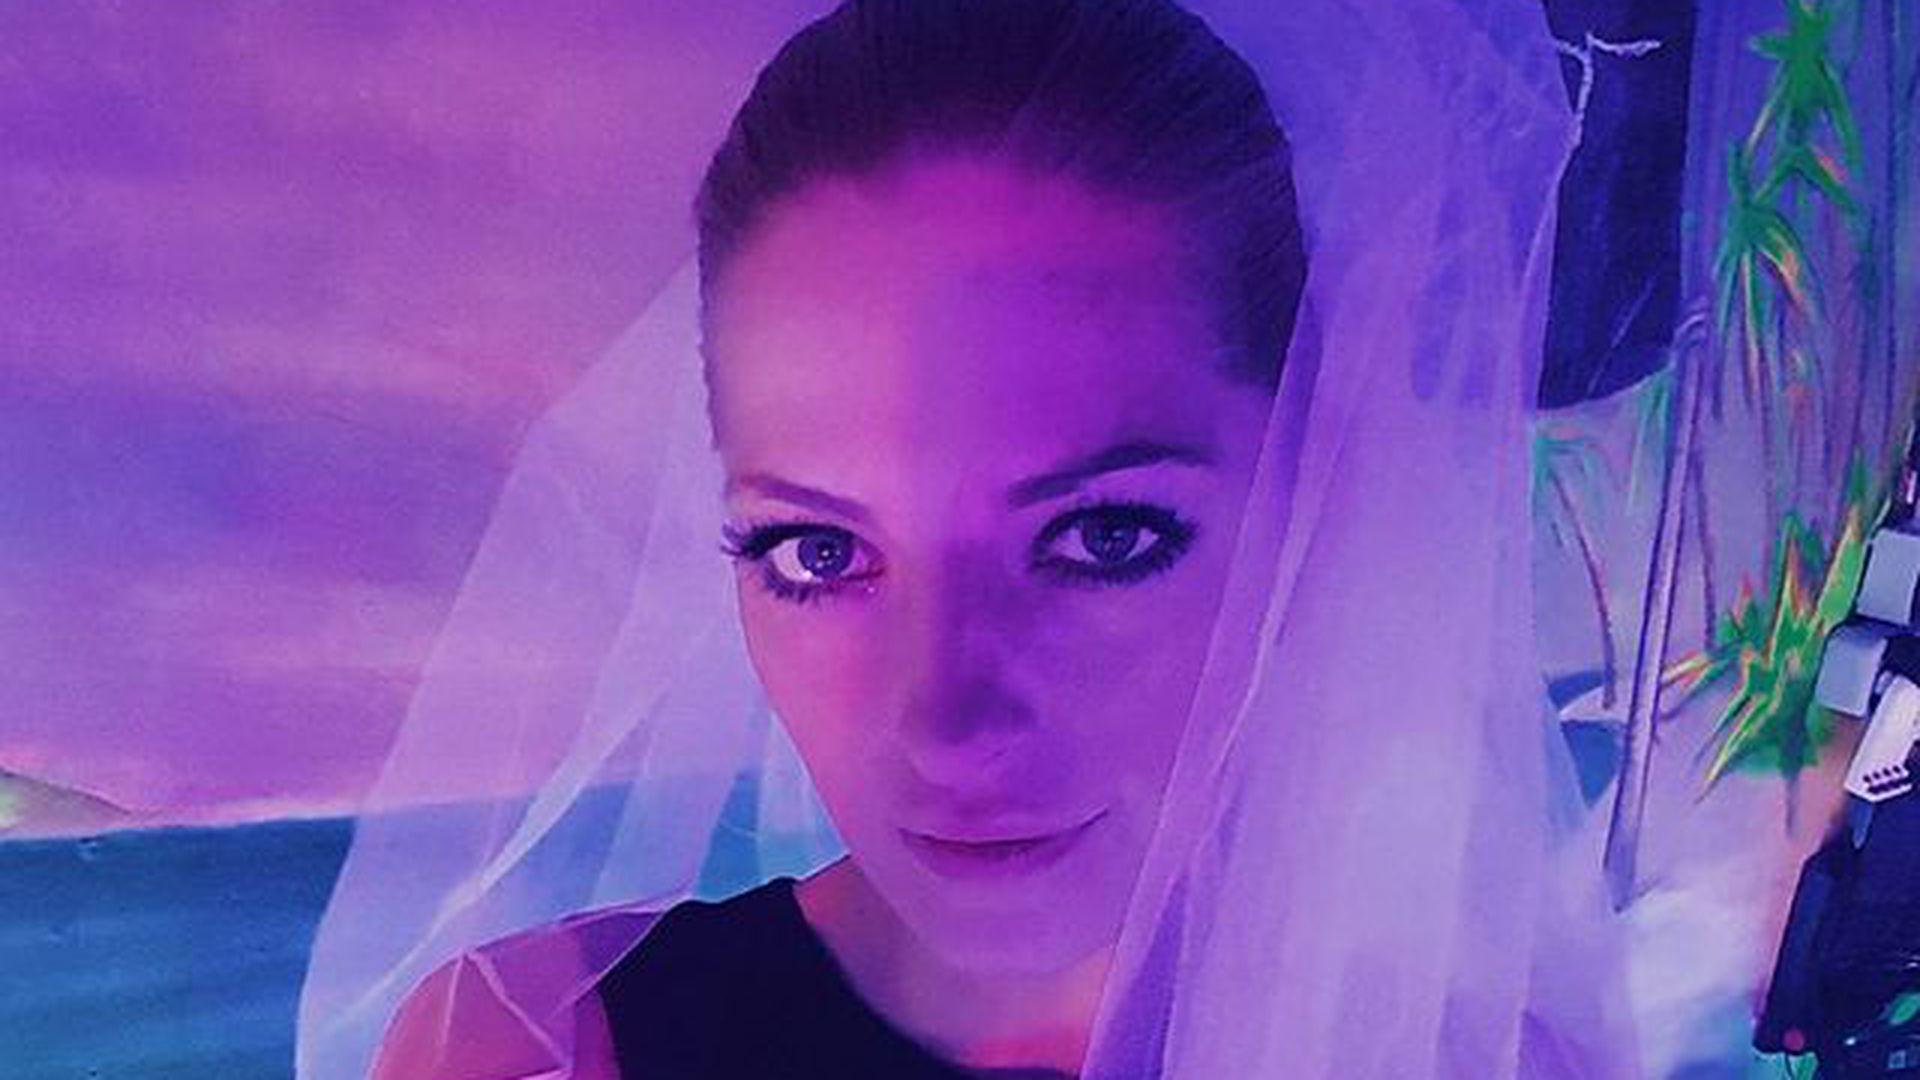 Prinzessin Xenia fand Bräutigam im Puff und zündete Kleid